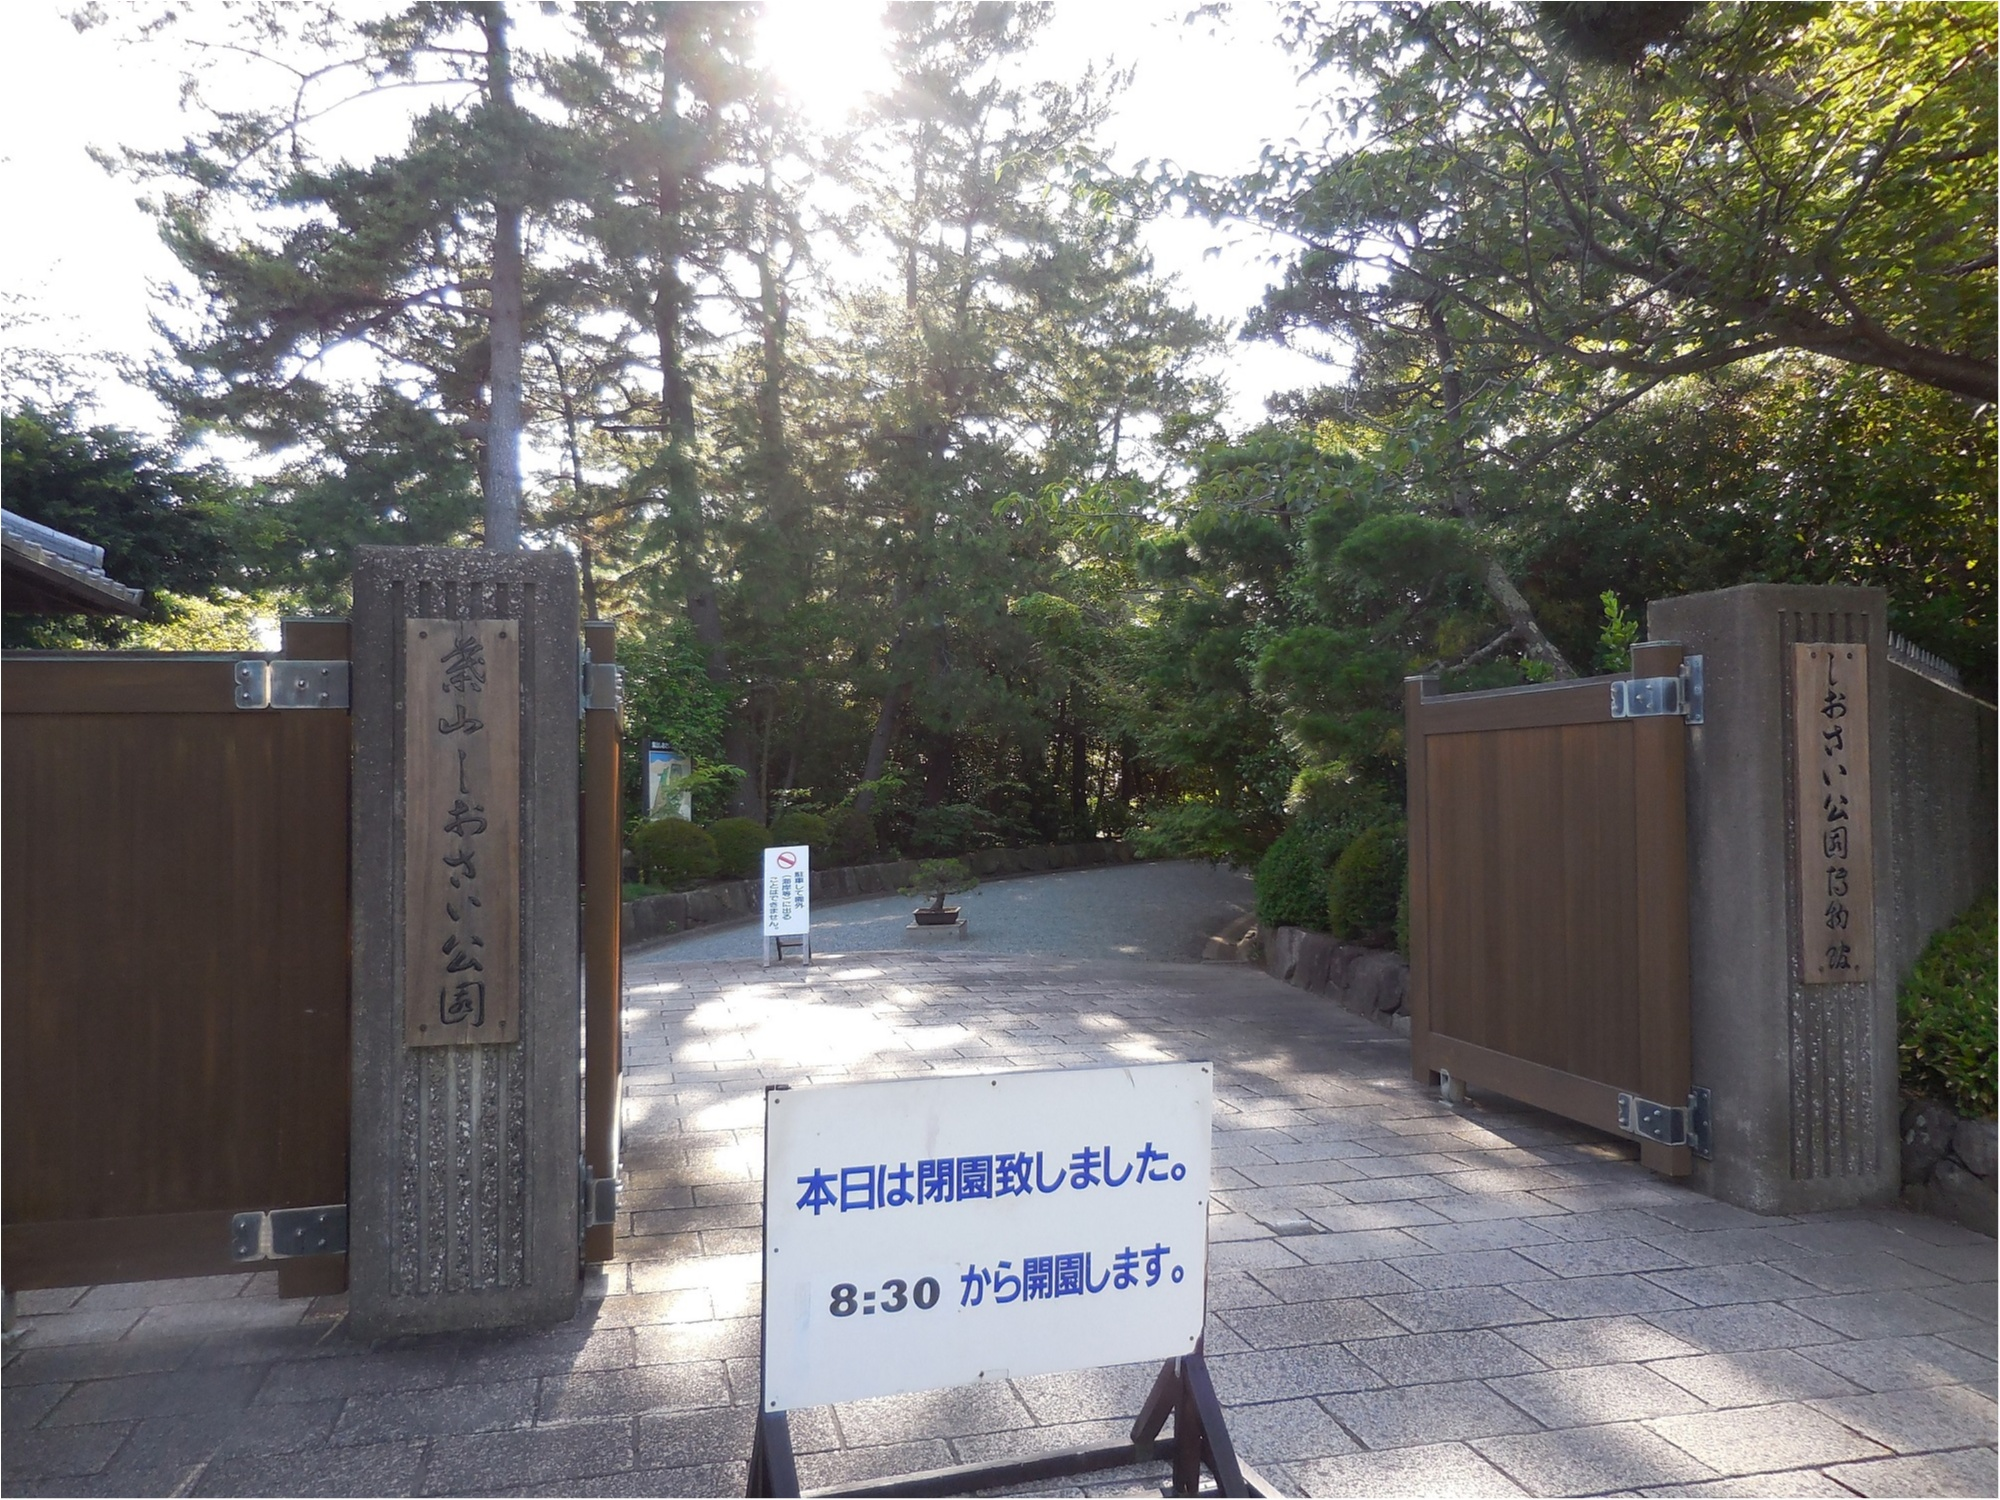 三浦半島を思いっきり楽しむなら、三浦半島1DAY・2DAYきっぷがお得!!_6